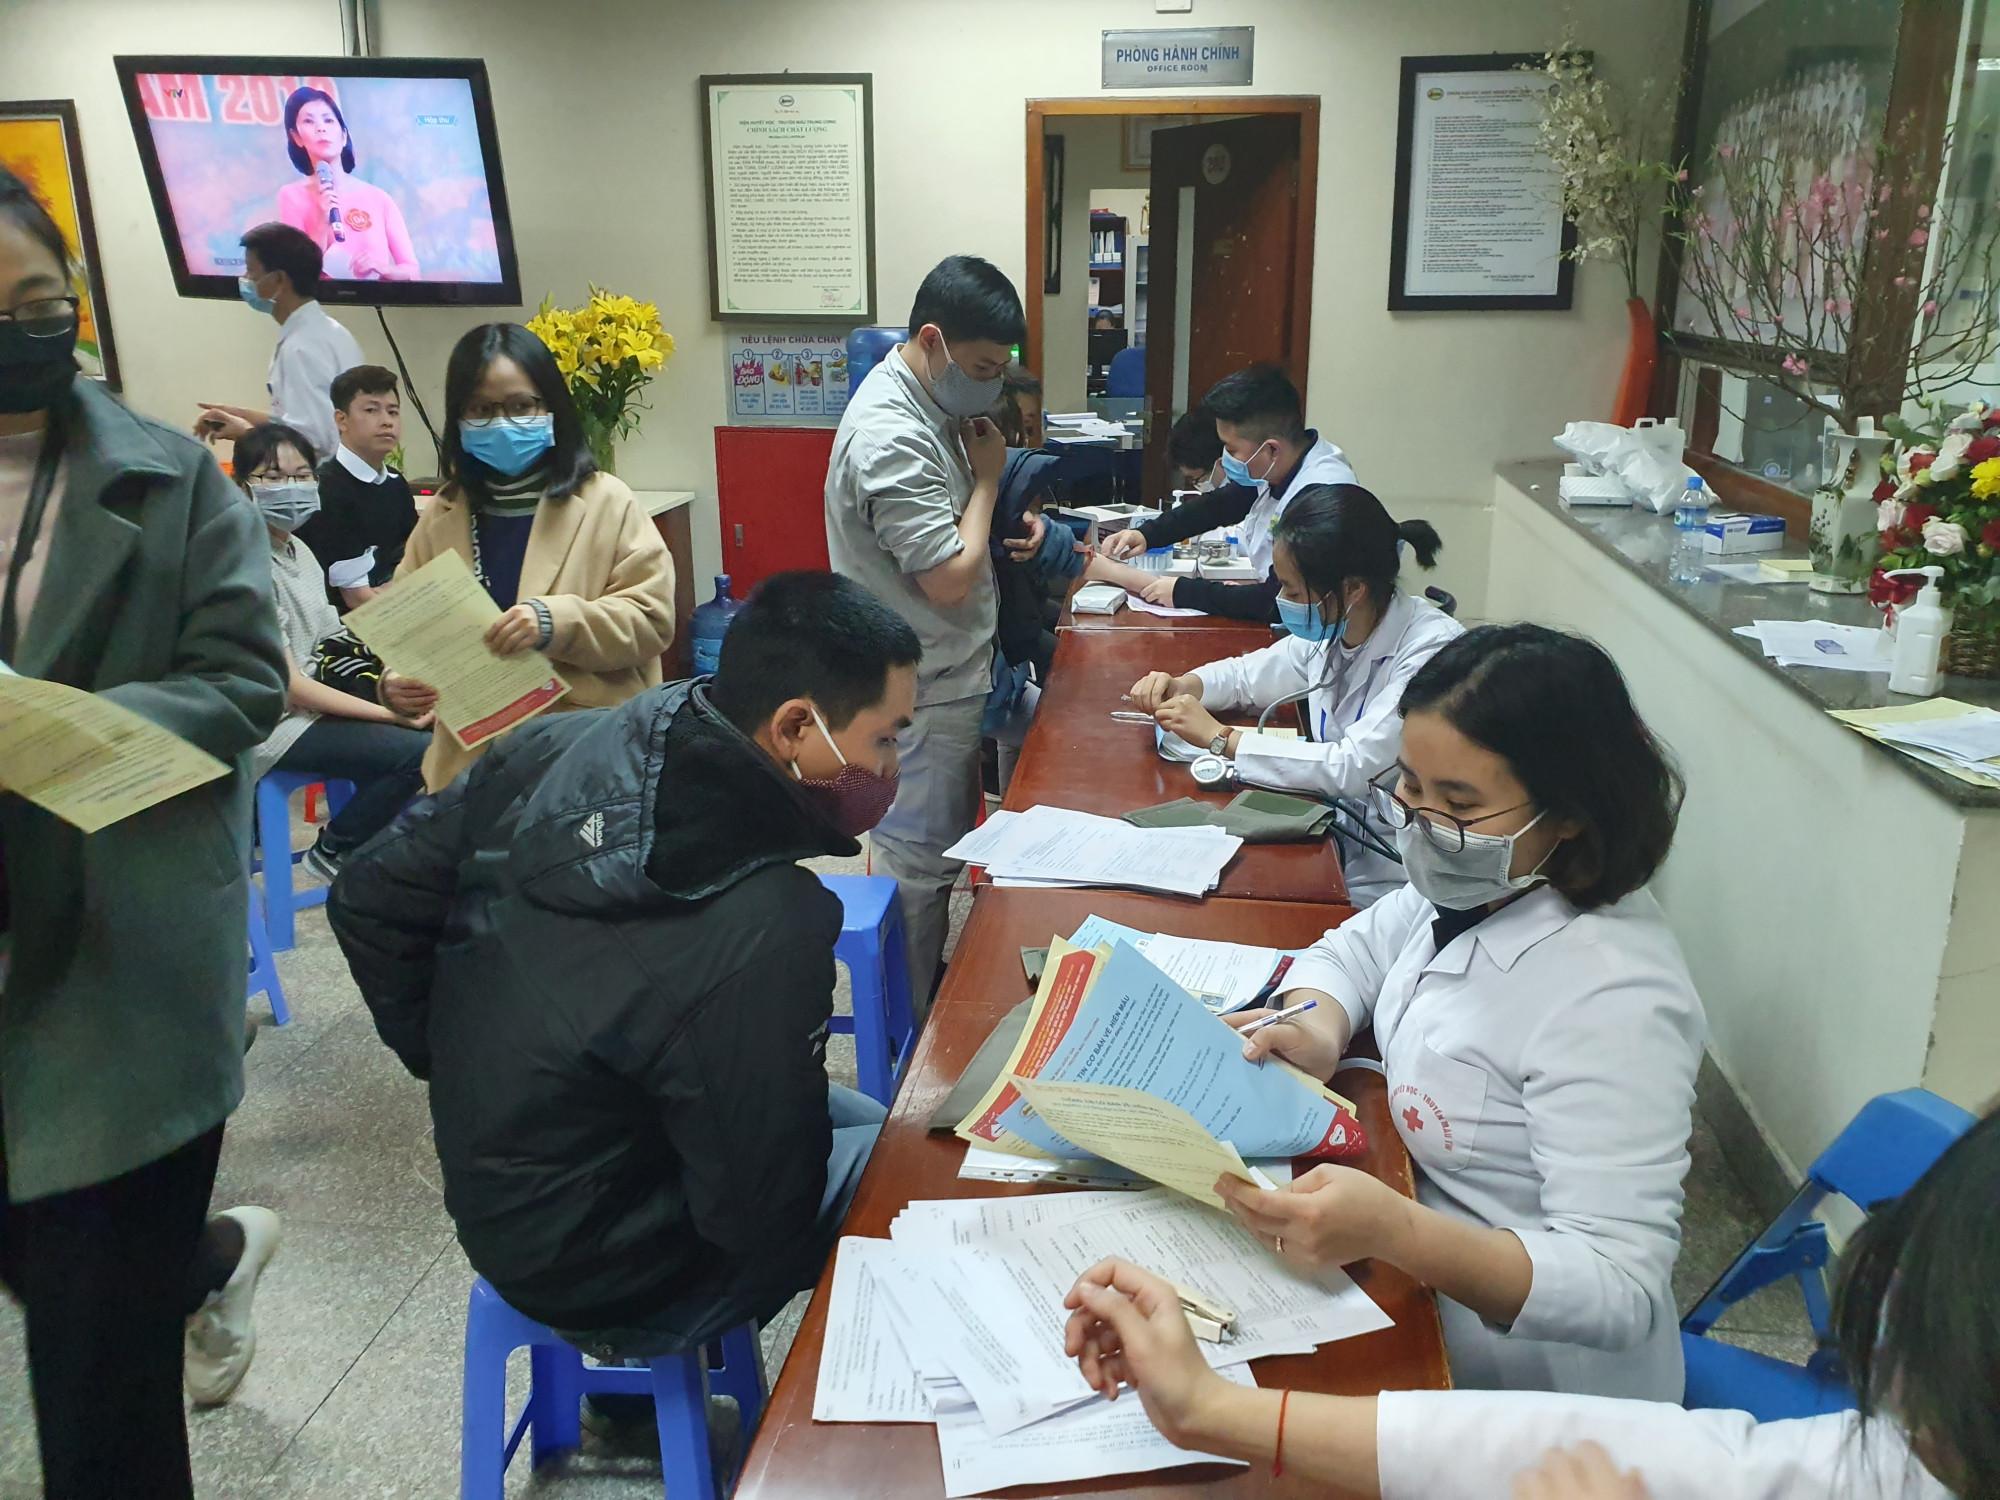 Sau khi đăng ký hiến máu, các tình nguyện viên được khám sức khỏe, kiểm tra xem đủ tiêu chuẩn hiến máu hay không.